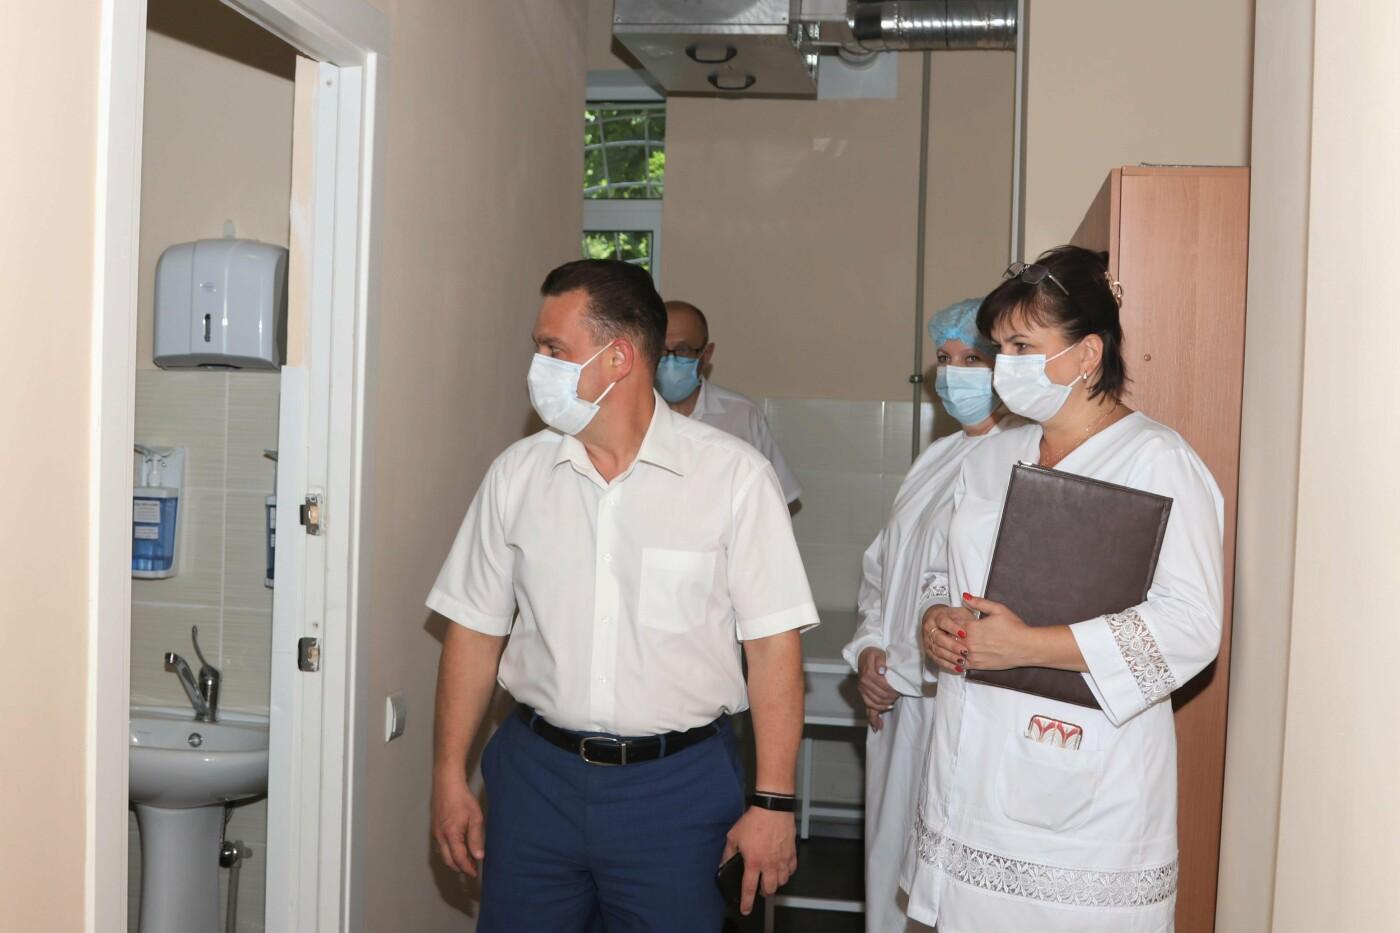 Мер К. Павлов: Продовжуємо зміцнювати діагностичну базу медзакладів міста - лабораторія в інфекційній лікарні  створена для більш ефектив..., фото-4